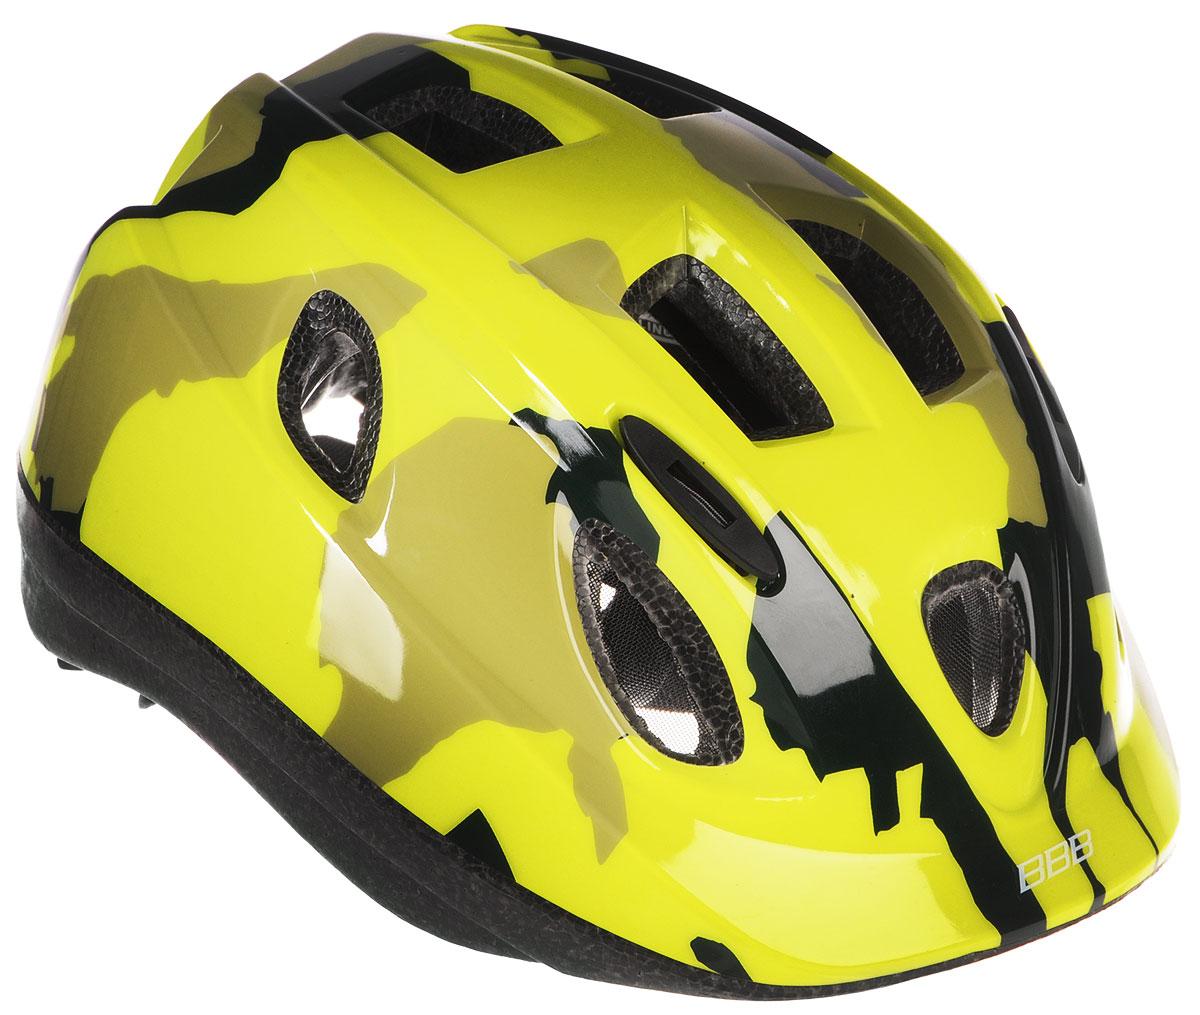 Шлем летний BBB Boogy. Камуфляж, цвет: желтый неон. Размер S